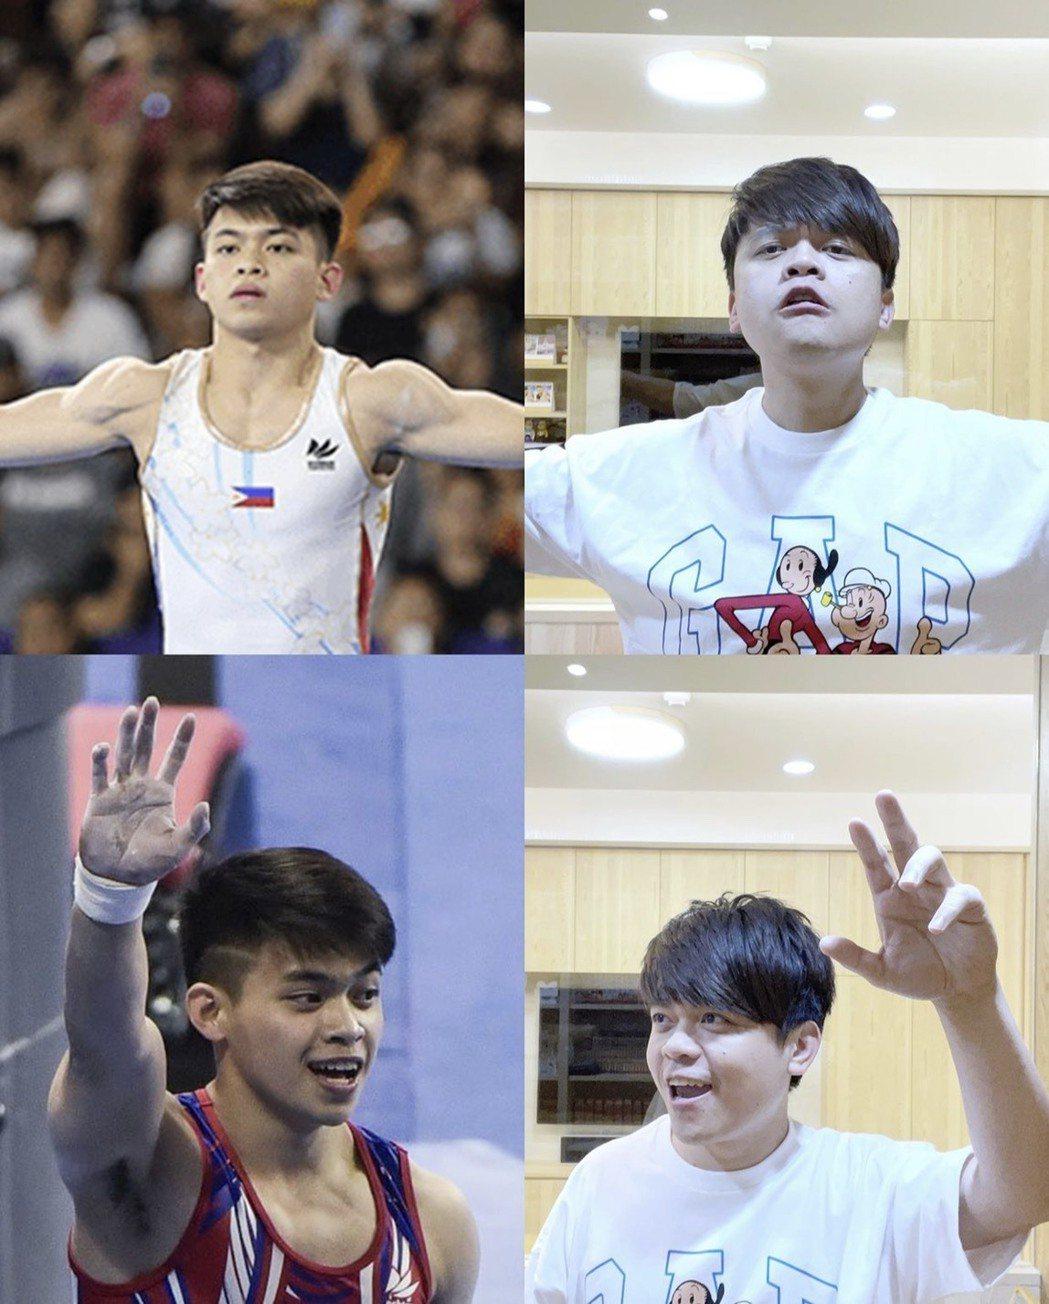 蔡阿嘎(右)搞笑自己參加東奧,還學菲律賓體操選手尤洛動作。圖/摘自IG